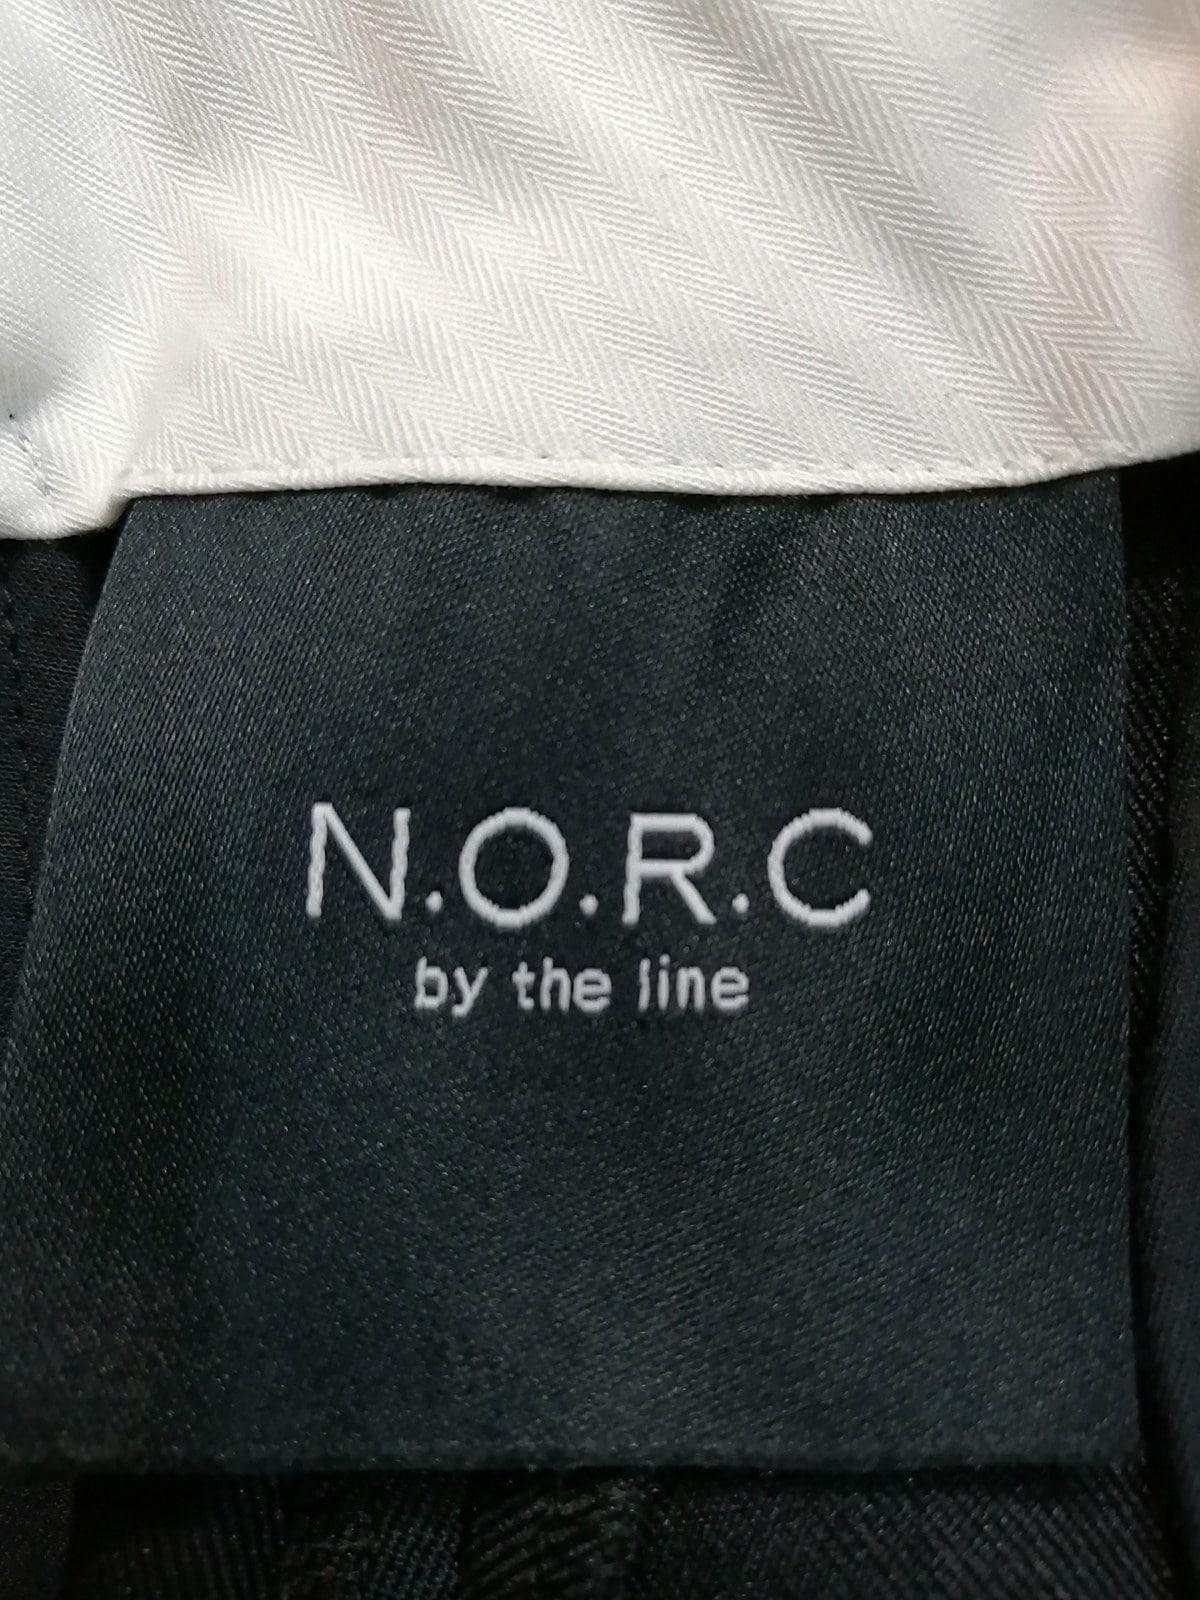 N.O.R.C(ノーク)のパンツ